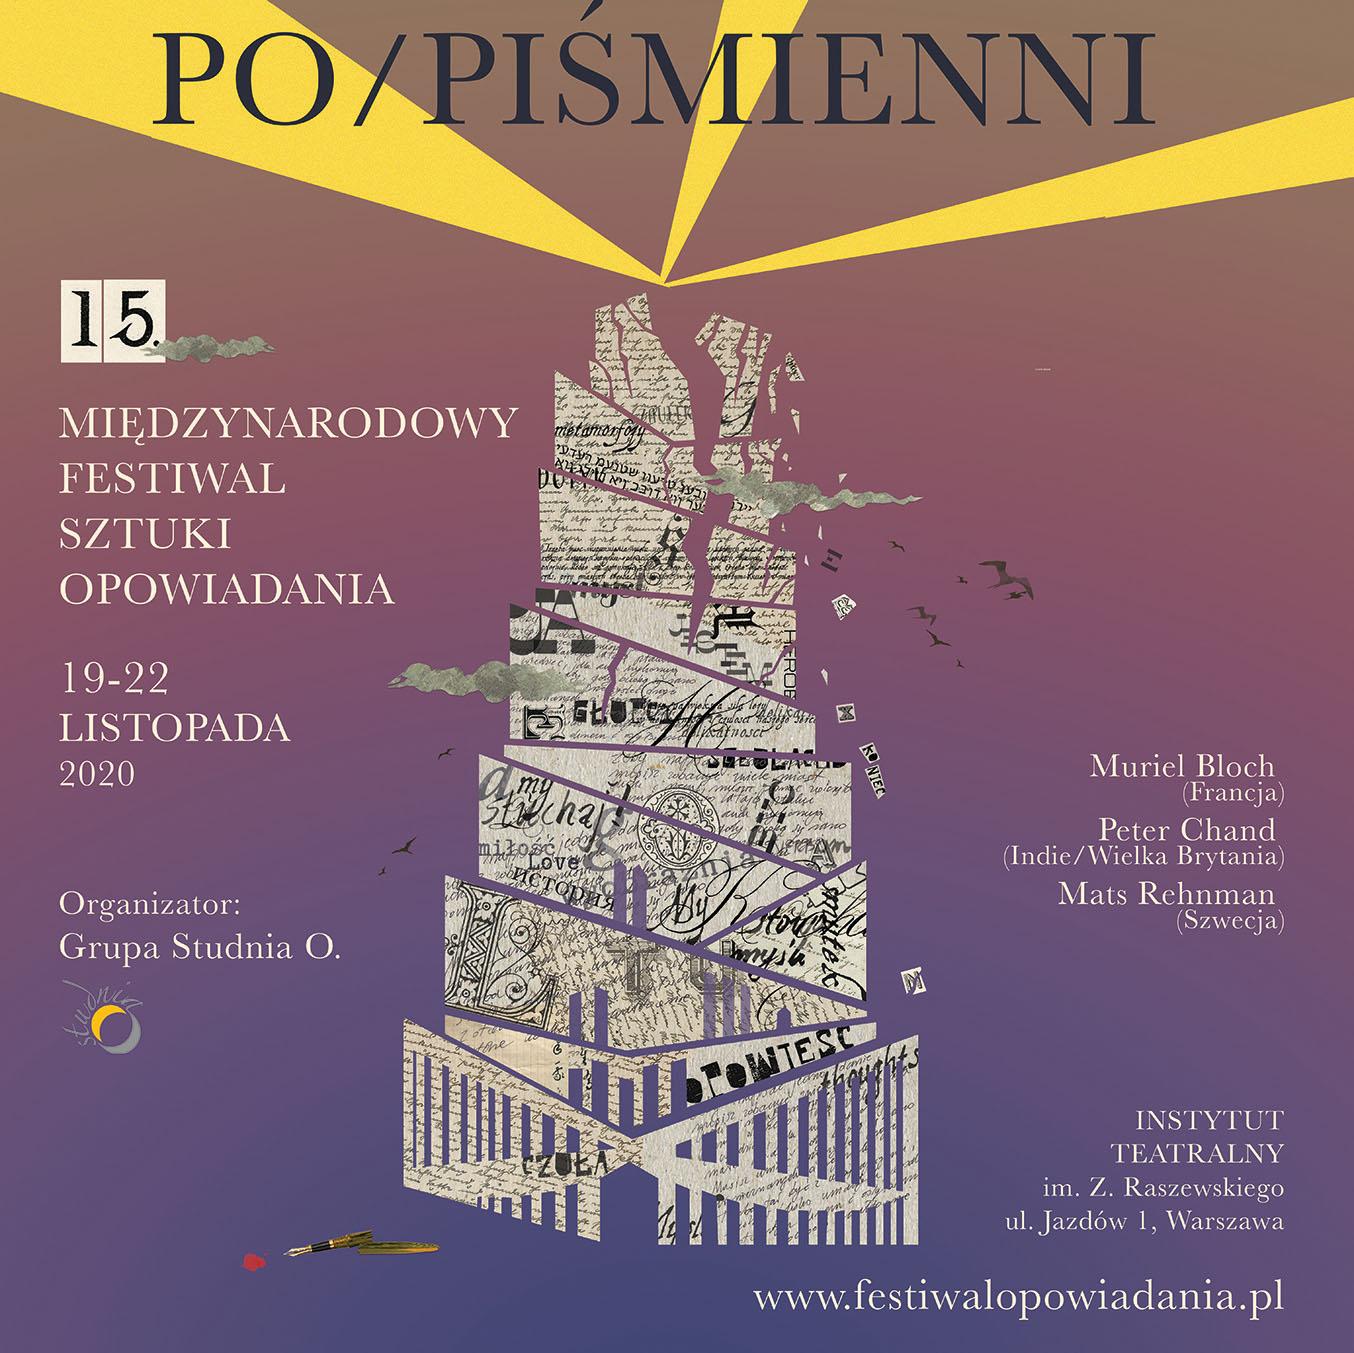 https://2020.festiwalopowiadania.pl/wp-content/uploads/2020/09/plakat_instagram3.jpg